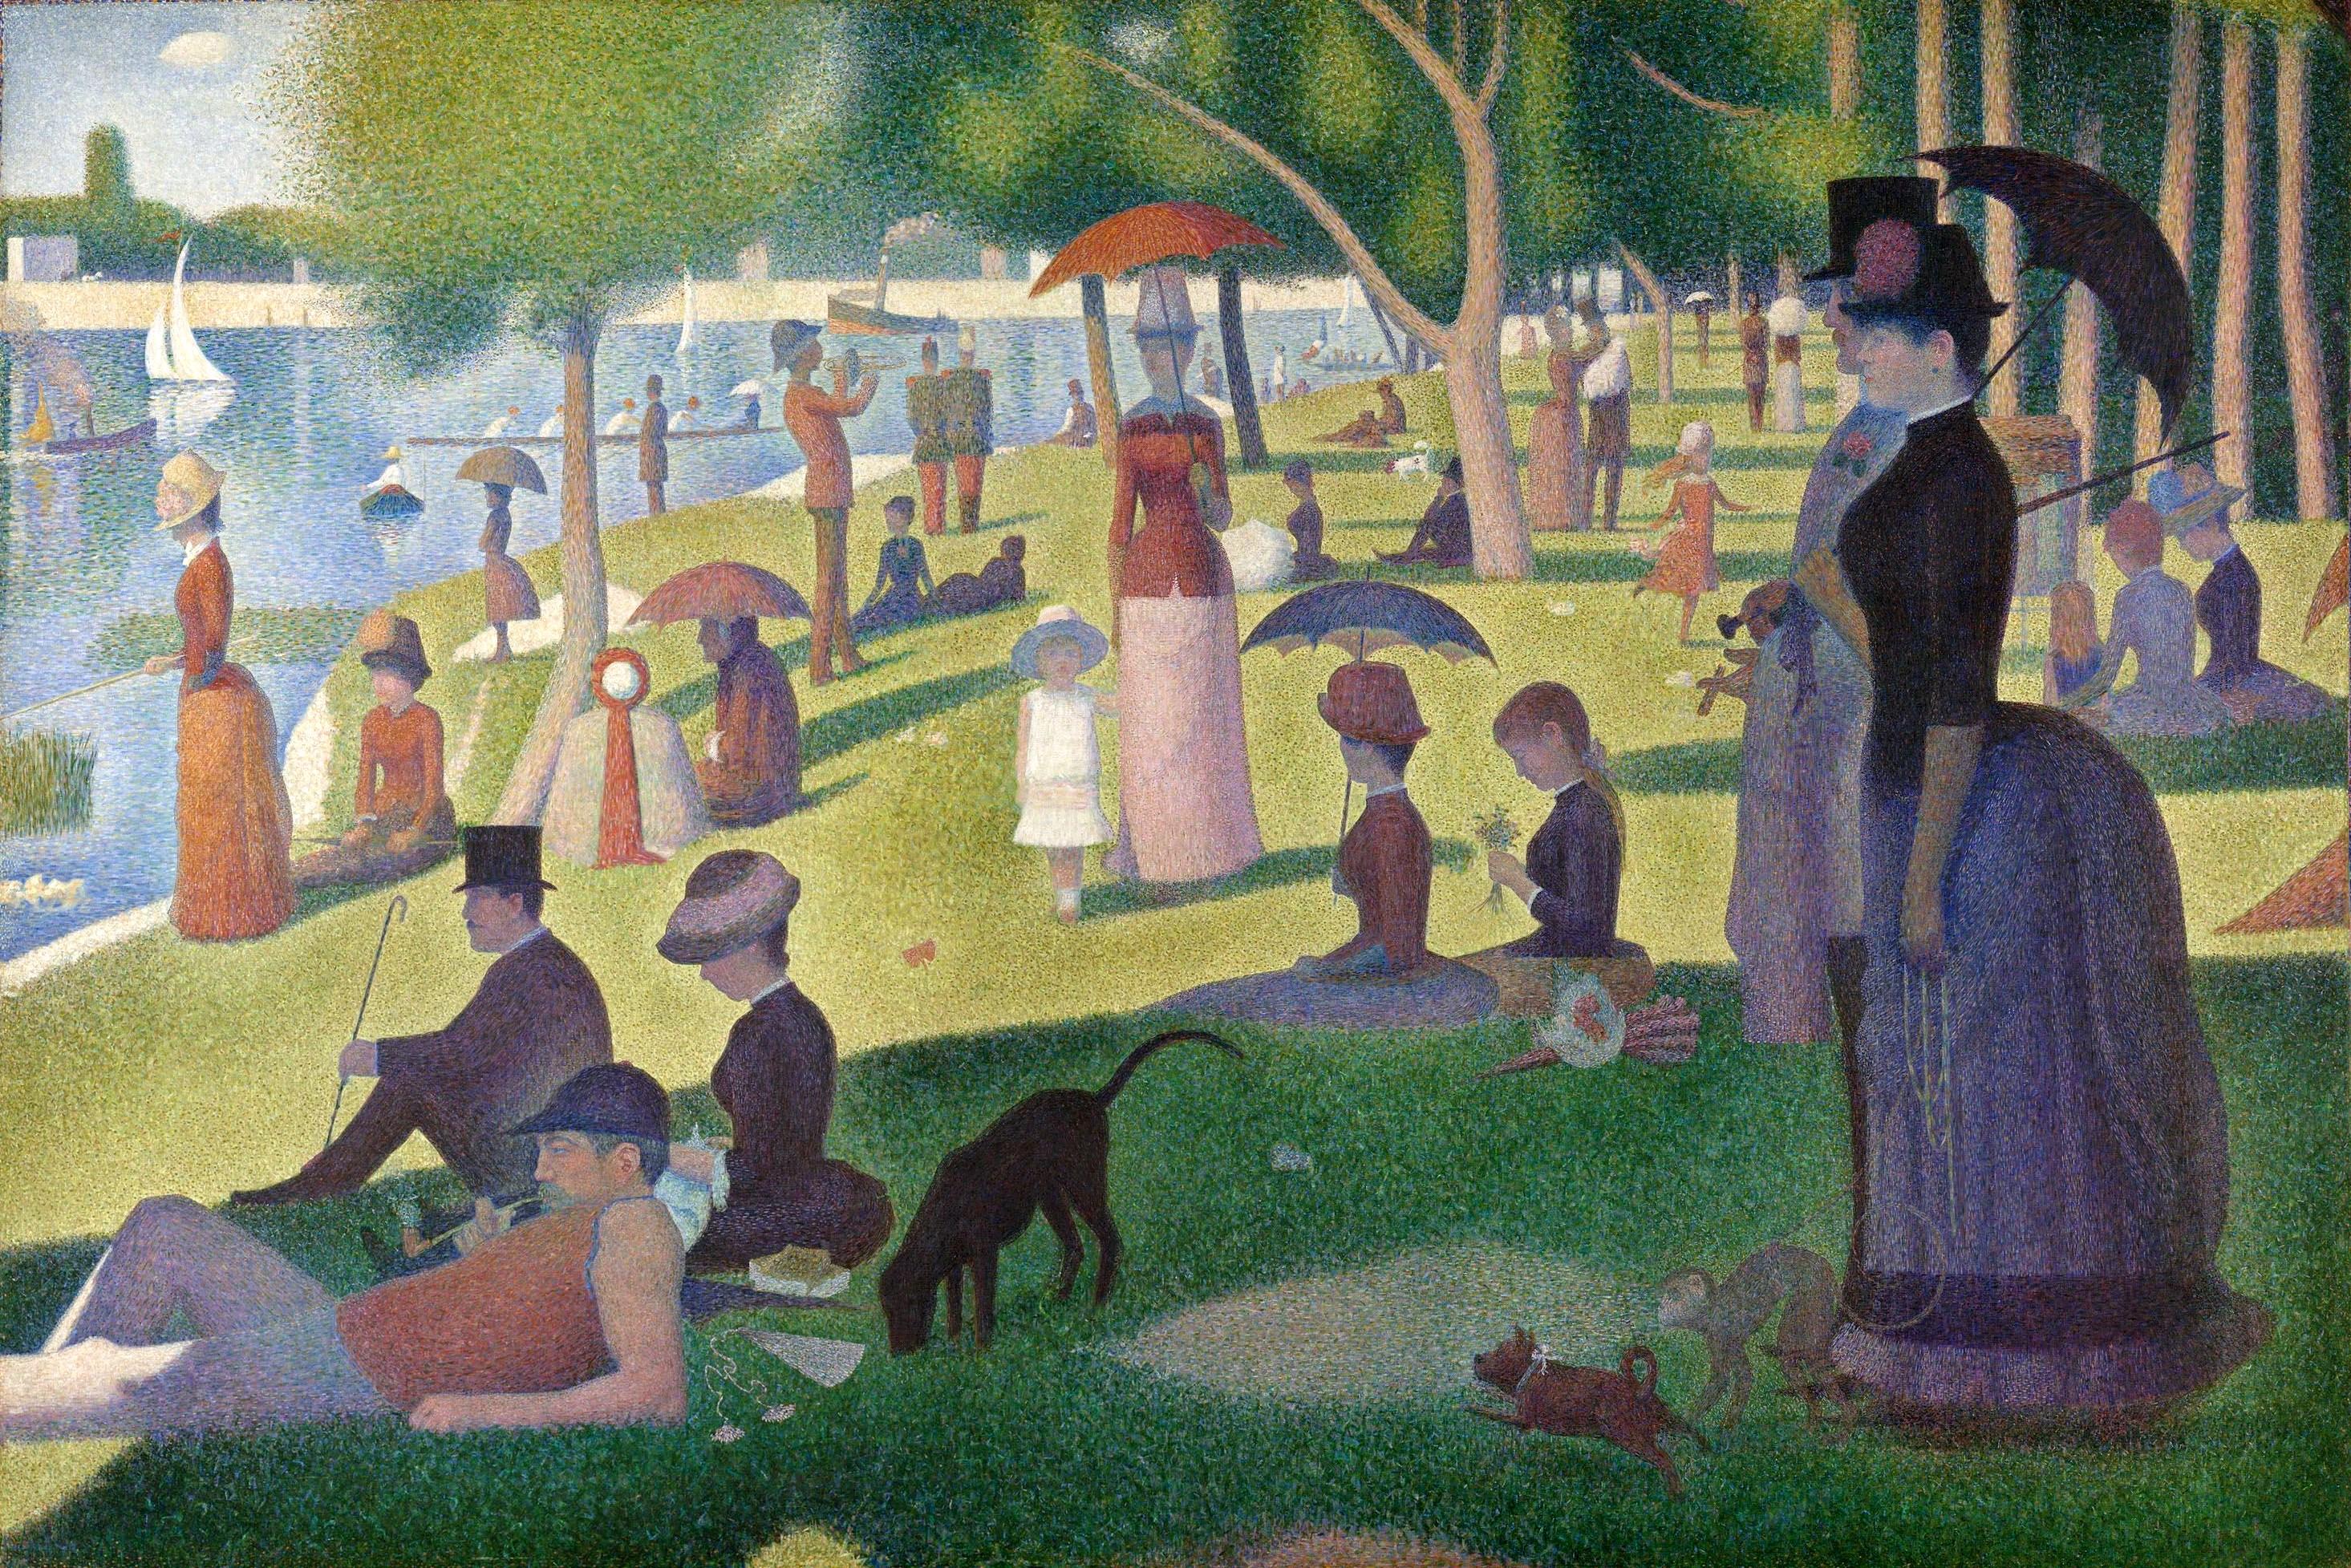 Figura 2. Georges Seurat, Un Dimanche Aprés-Midi à l'île de la Grande Jatte